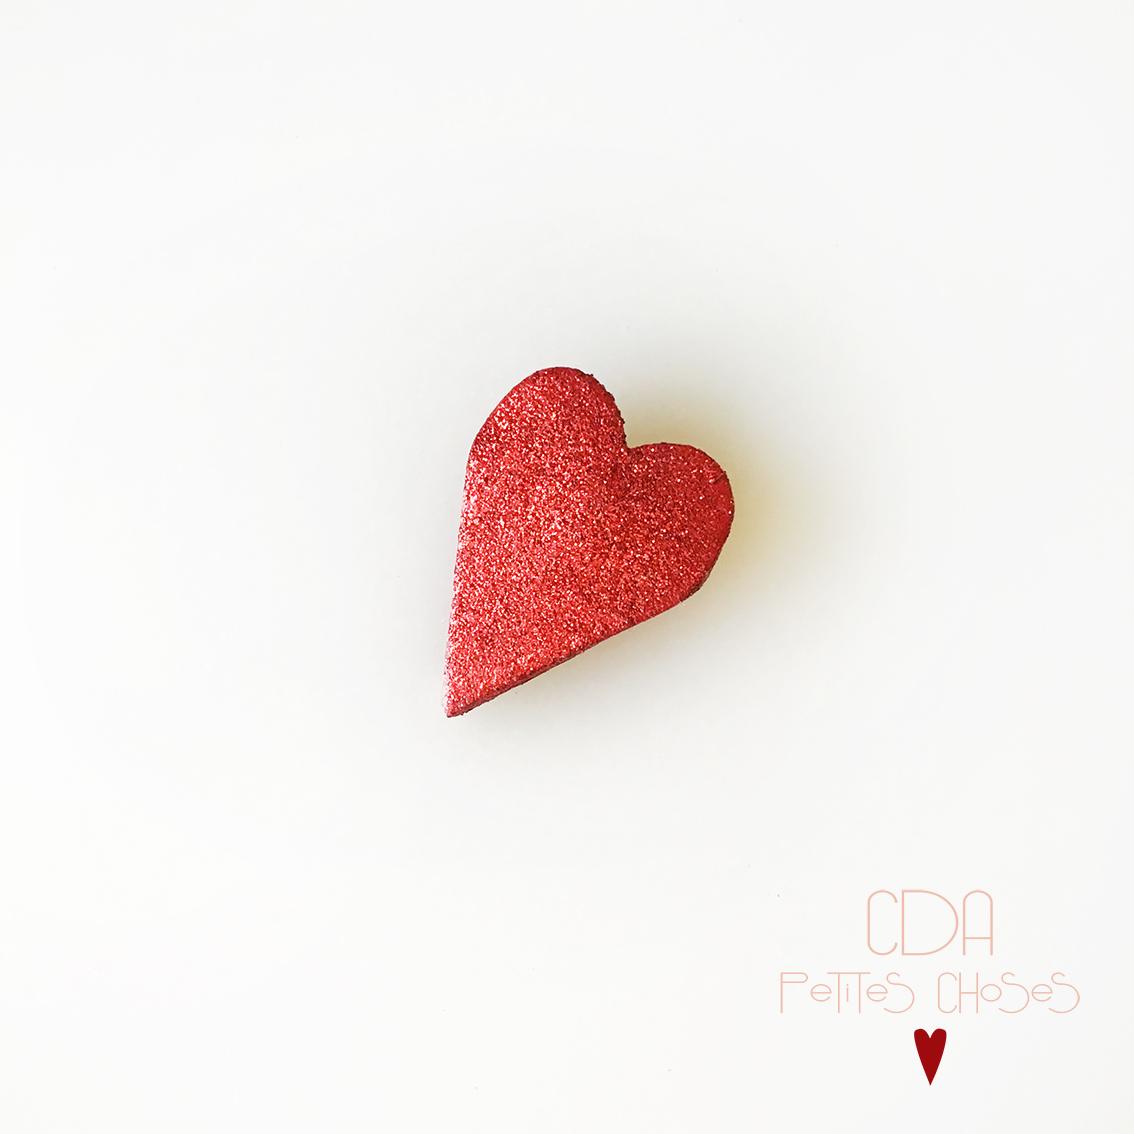 Broche en cuir et pailletes rouge forme coeur CDA Petites Choses